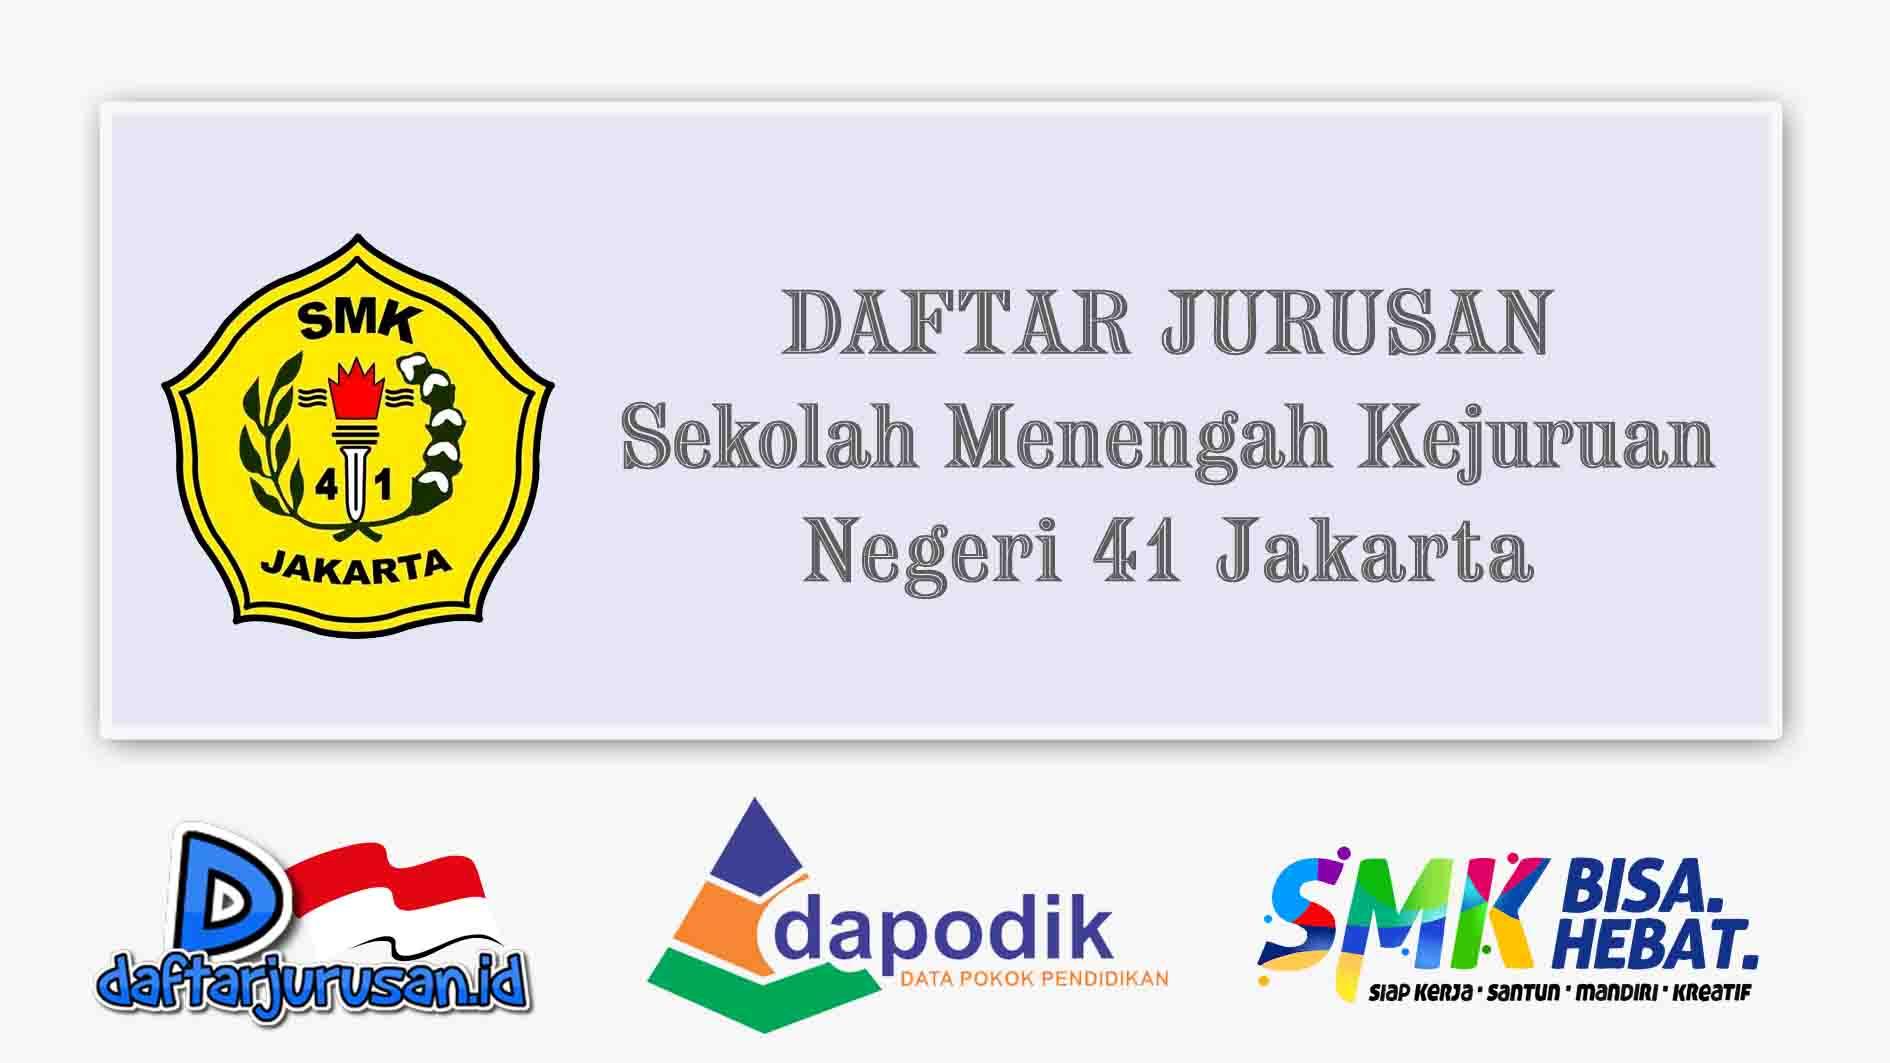 Daftar Jurusan SMK Negeri 41 Jakarta Selatan